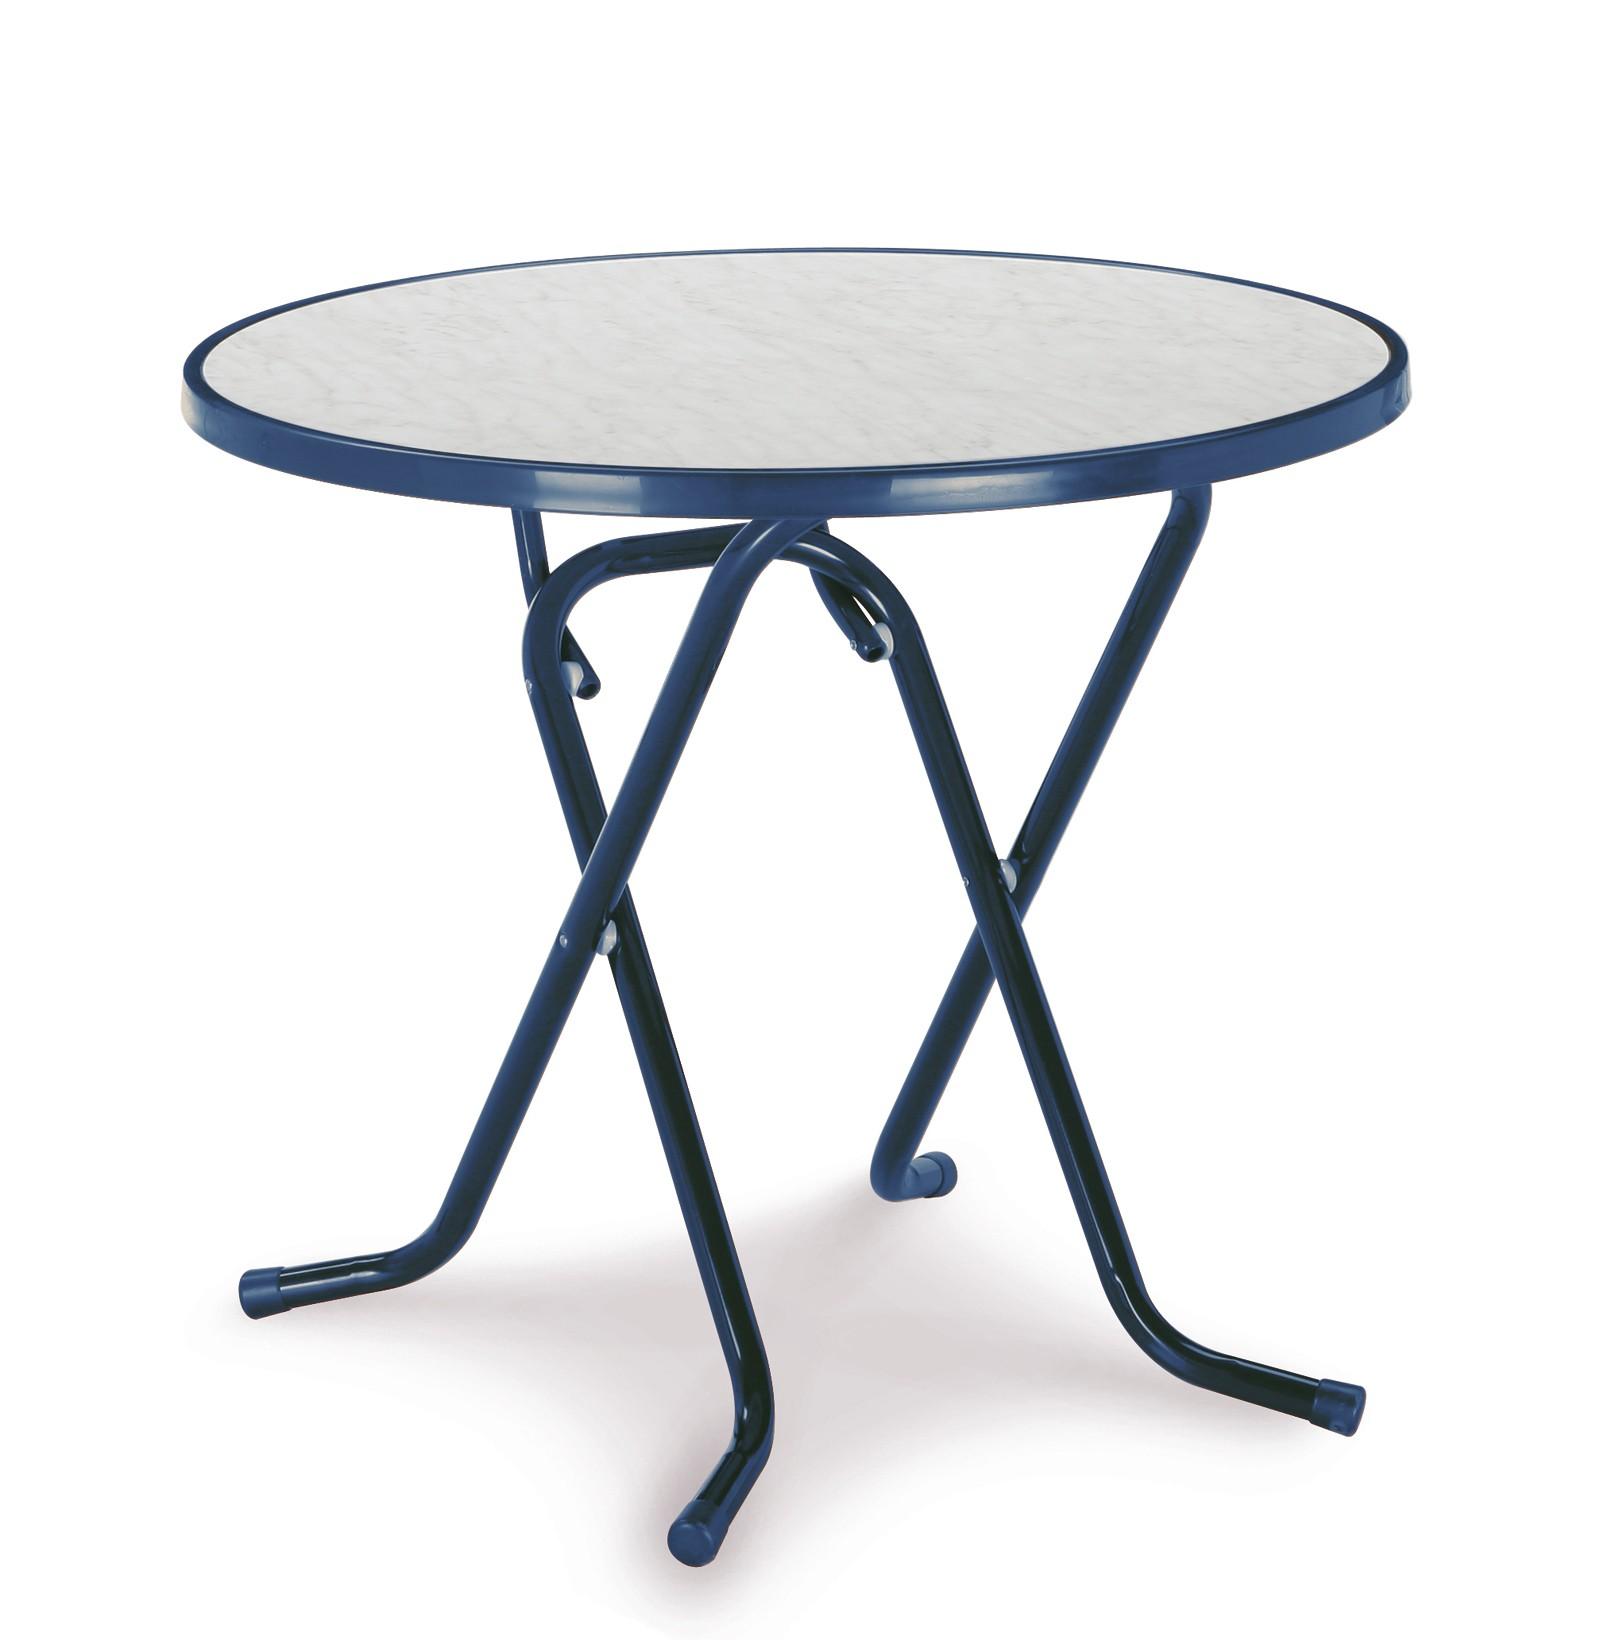 Gartentisch / Klapptisch Primo Best Ø80cm Stahl blau Bild 1